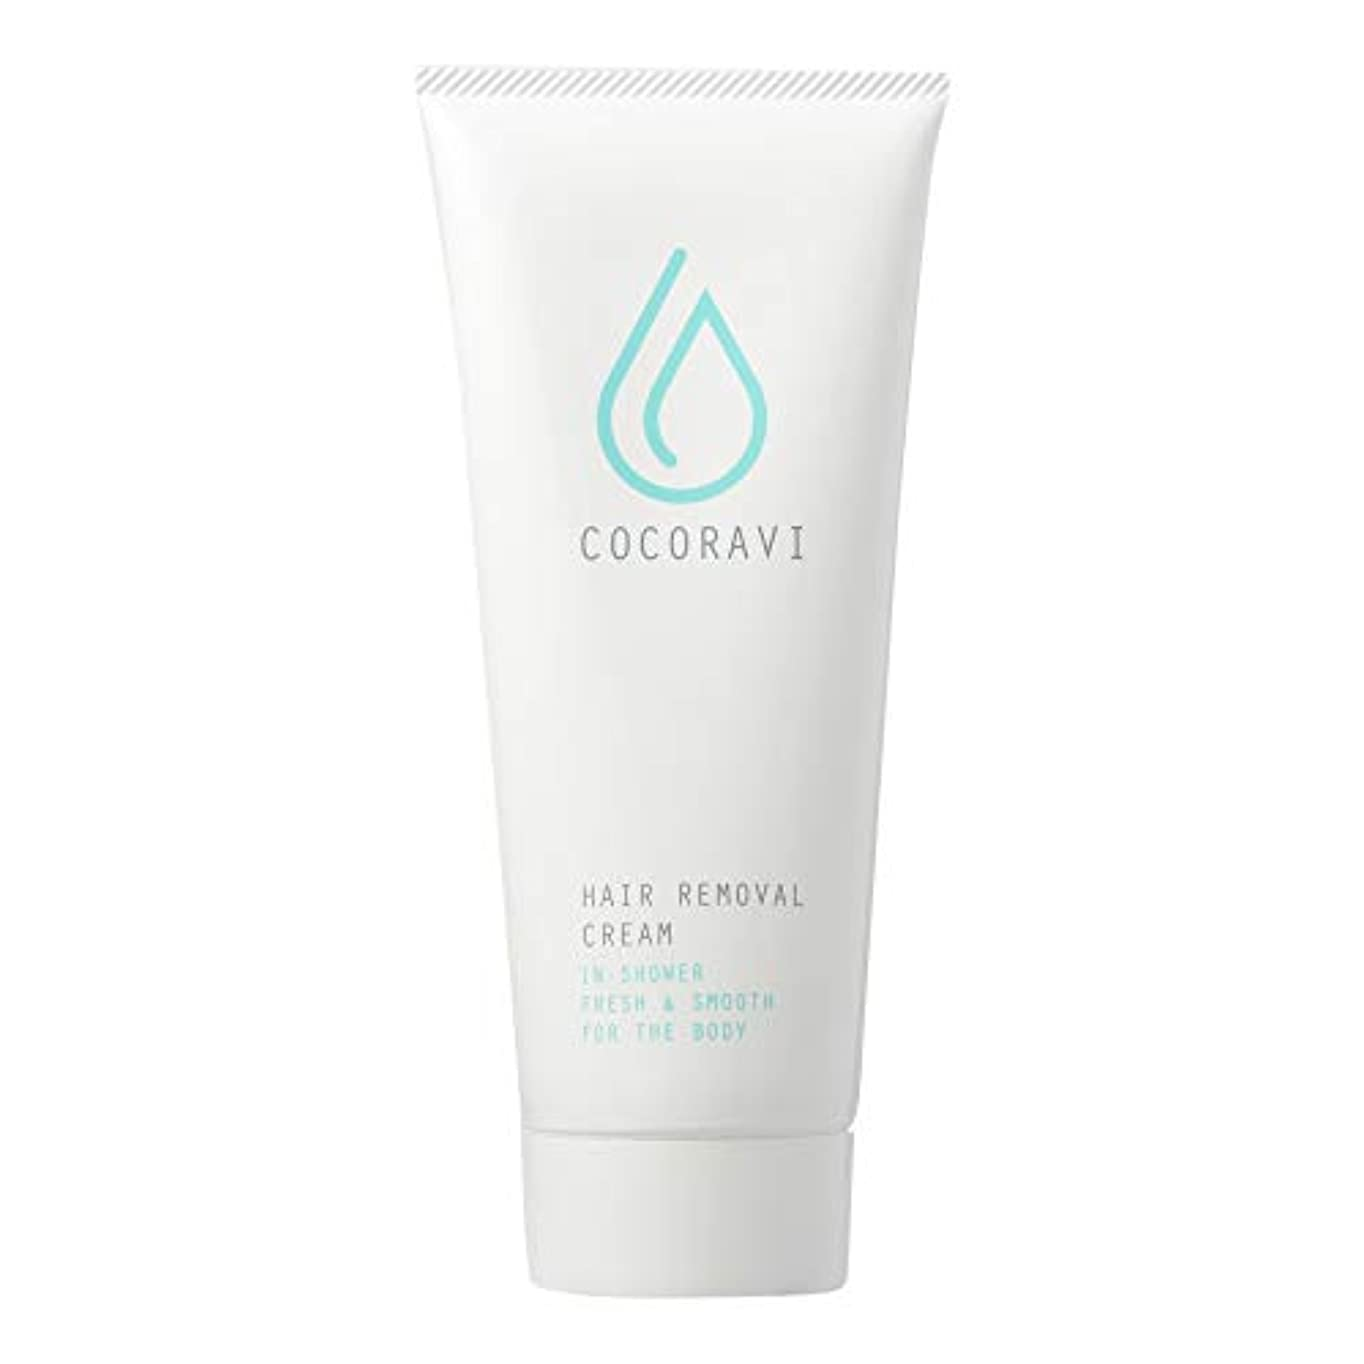 下手文明叙情的なCOCORAVI Hair Removal Cream (ココラビヘアリムーバークリーム) 除毛クリーム ボディ用 医薬部外品 スキンケア 美容 [内容量200g/説明書付き]